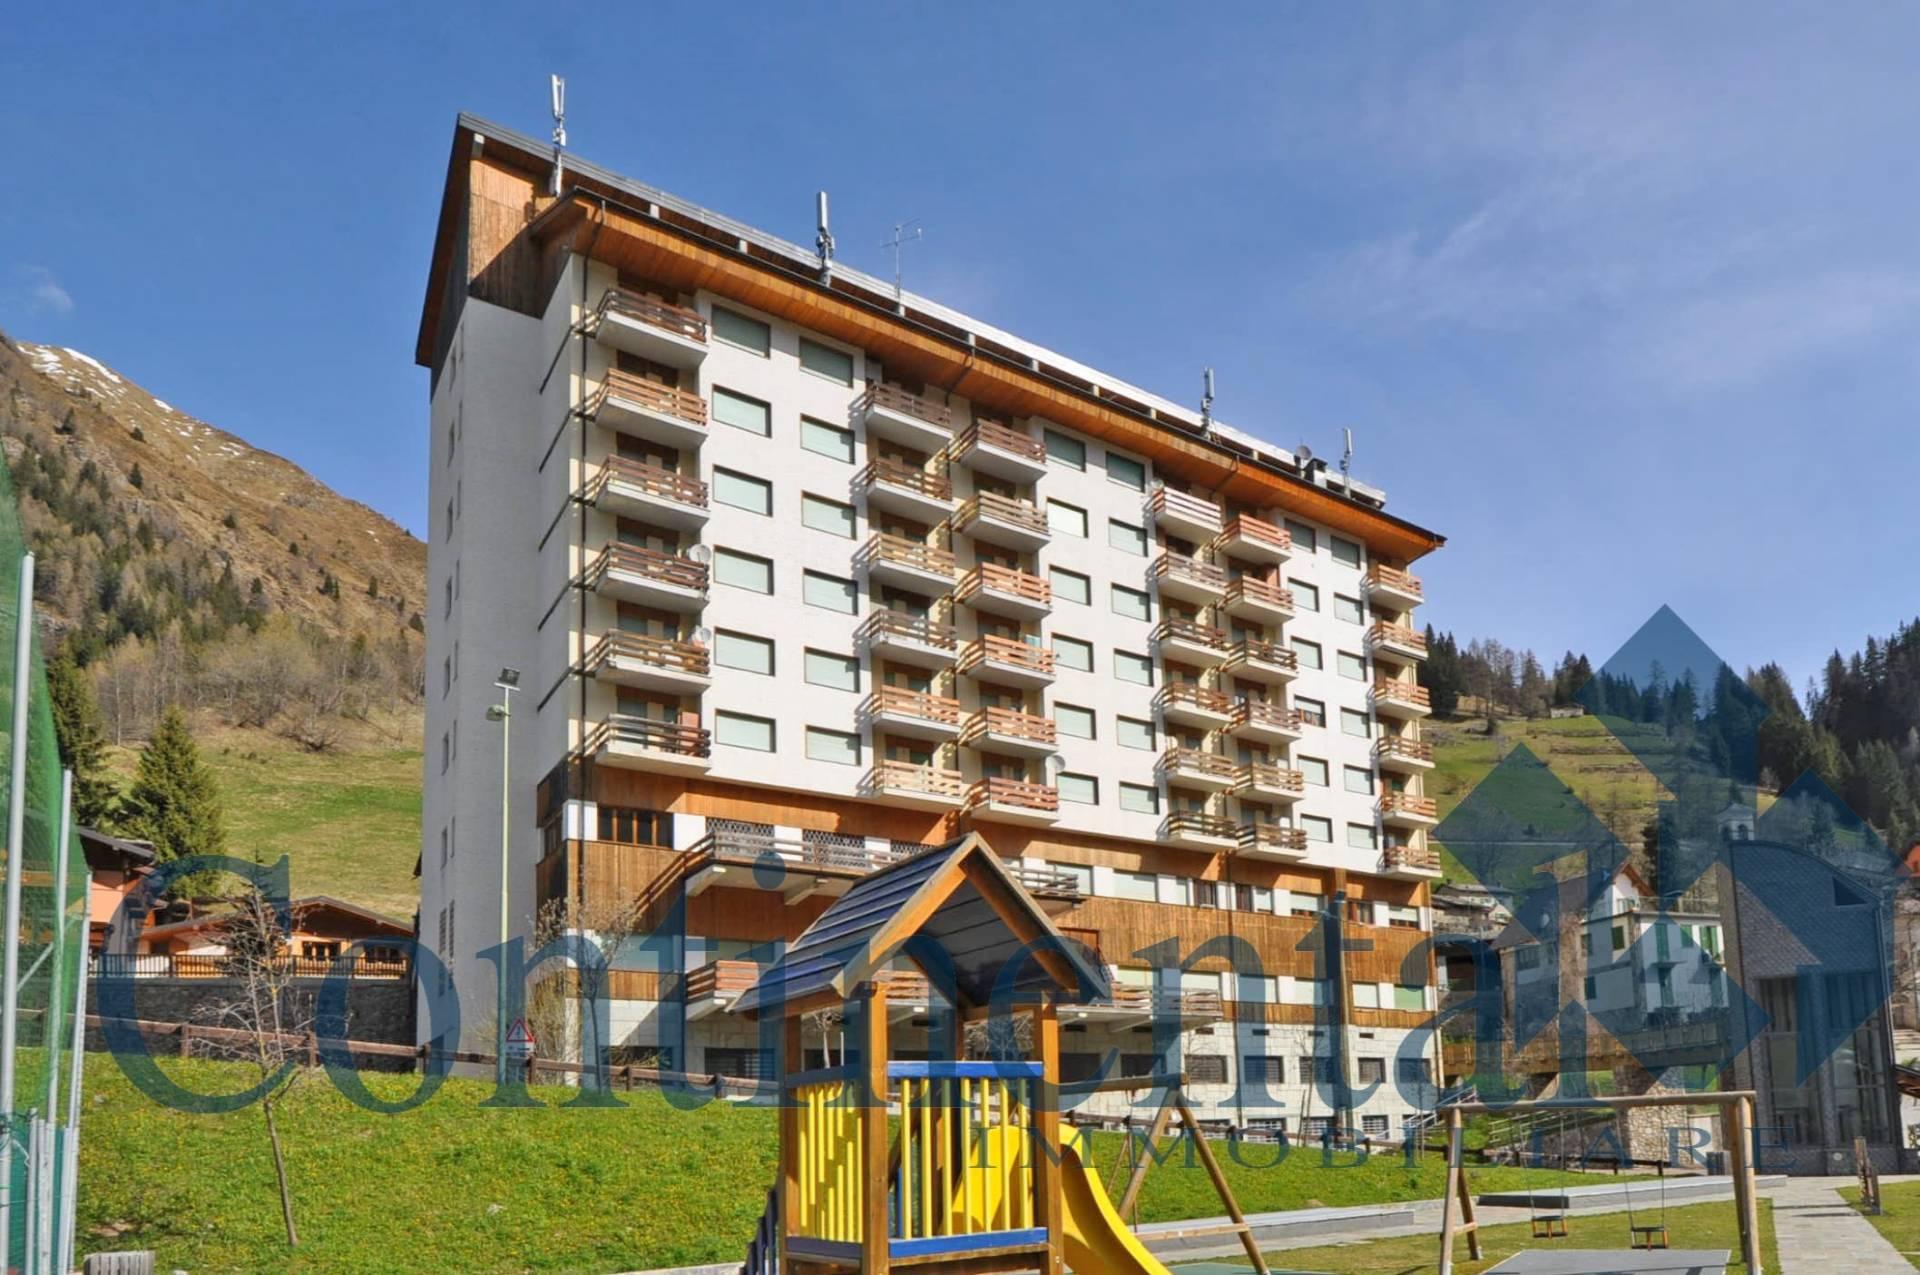 Appartamento in vendita a Foppolo, 2 locali, prezzo € 33.000 | PortaleAgenzieImmobiliari.it